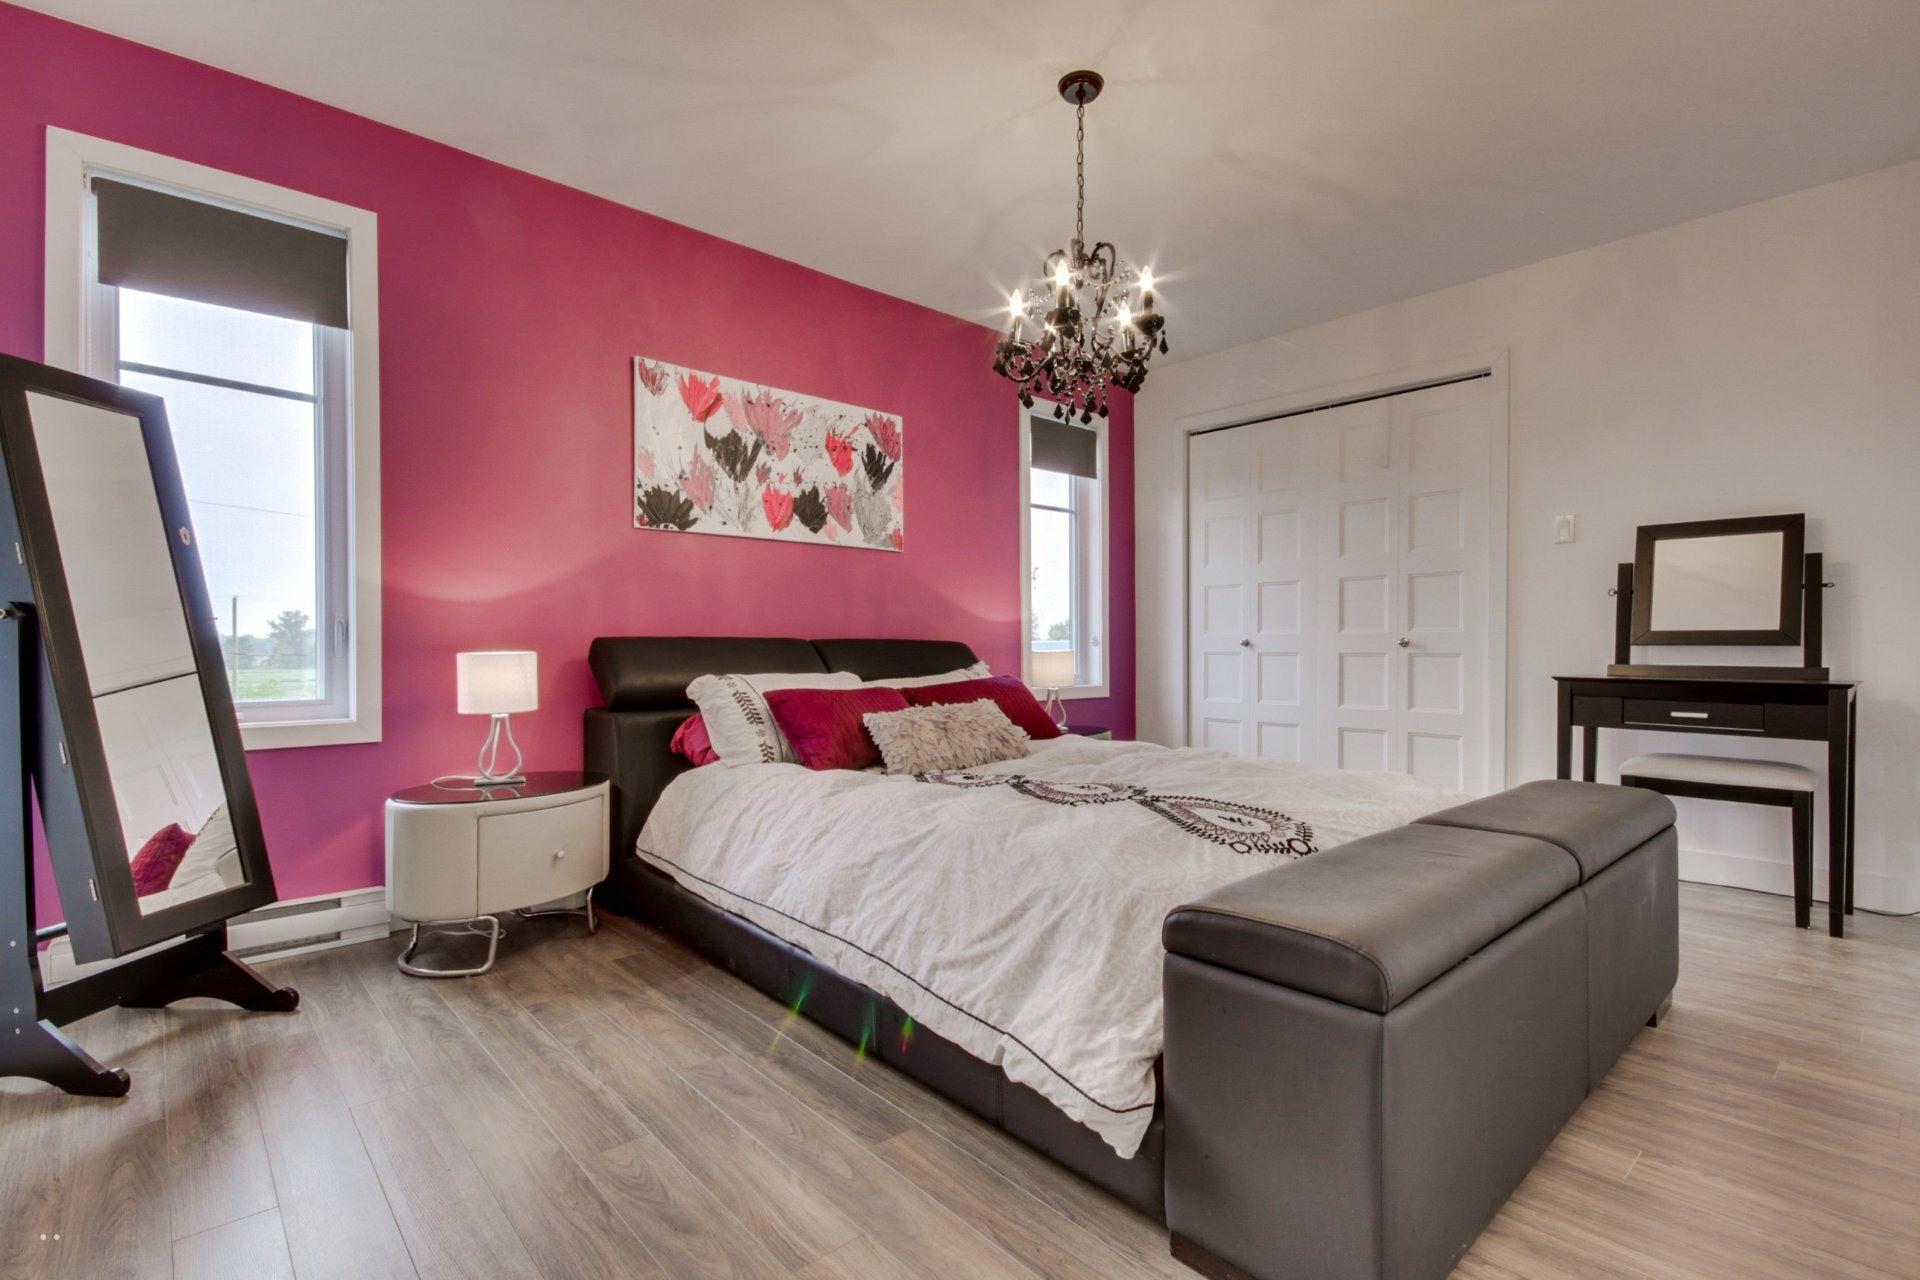 image 29 - Appartement À vendre Trois-Rivières - 7 pièces